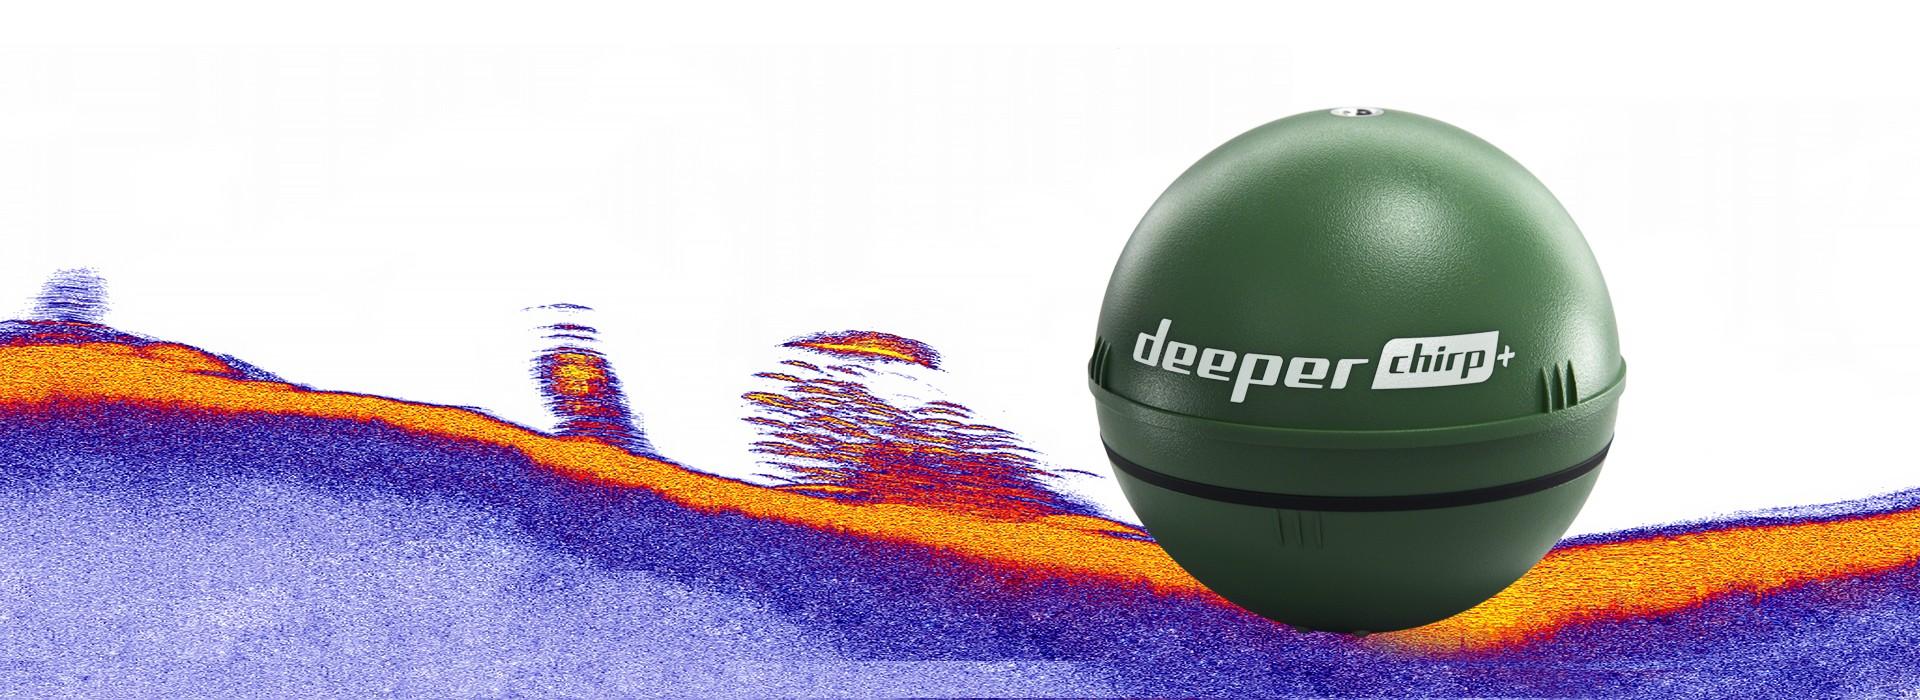 Viitorul pescuituluiSingurul sonar CHIRP din lume ce se poate lansa, având GPS încorporat